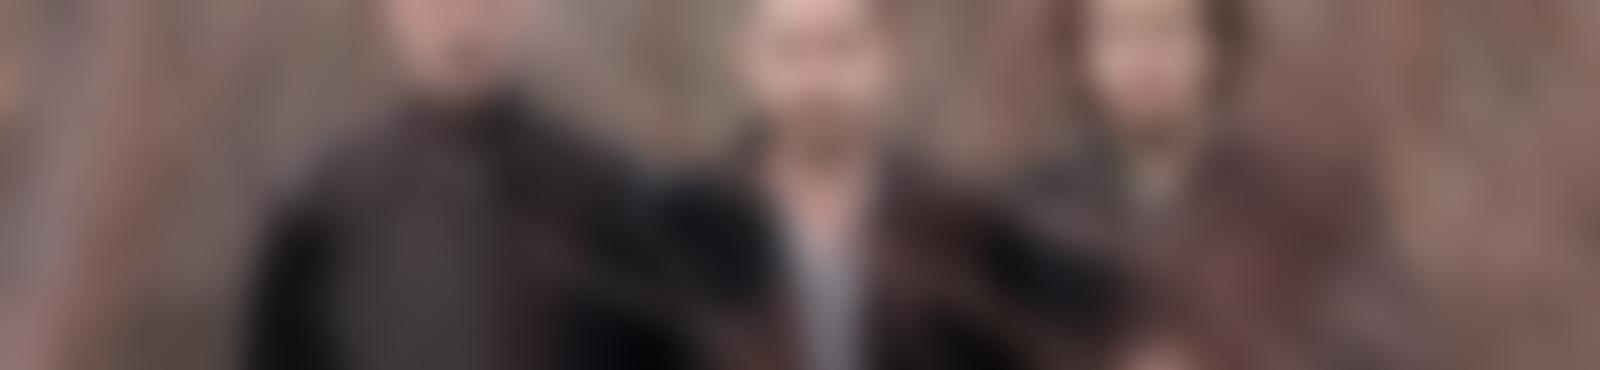 Blurred b6f6f87b 181e 4f59 bc94 4bb159769d0e